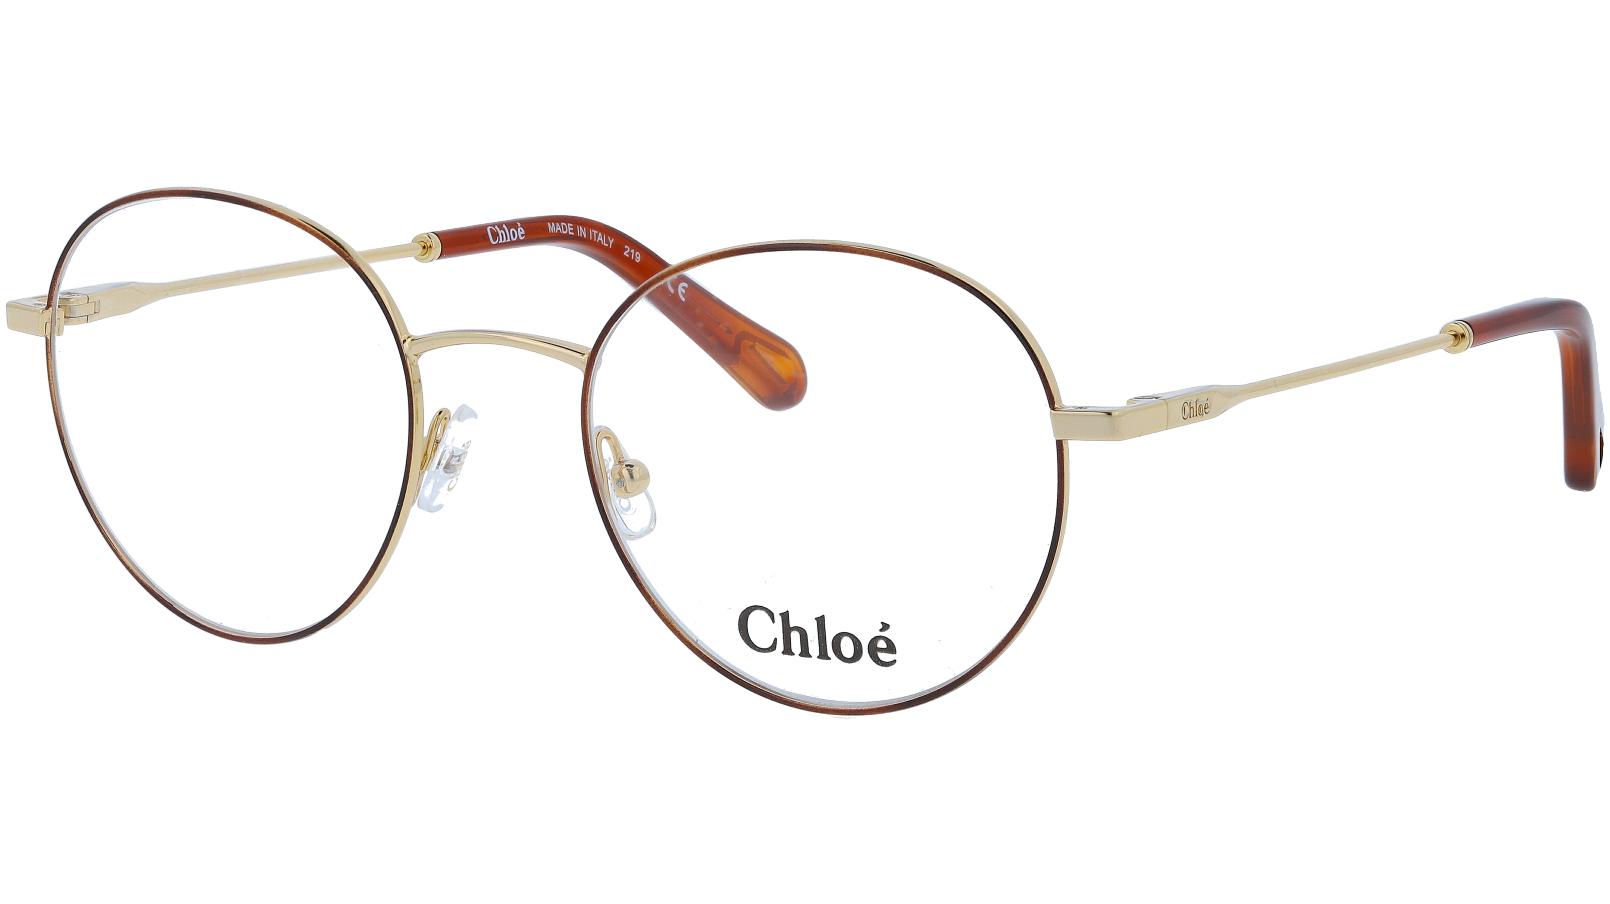 Chloé CE2136 757 50 Gold Glasses